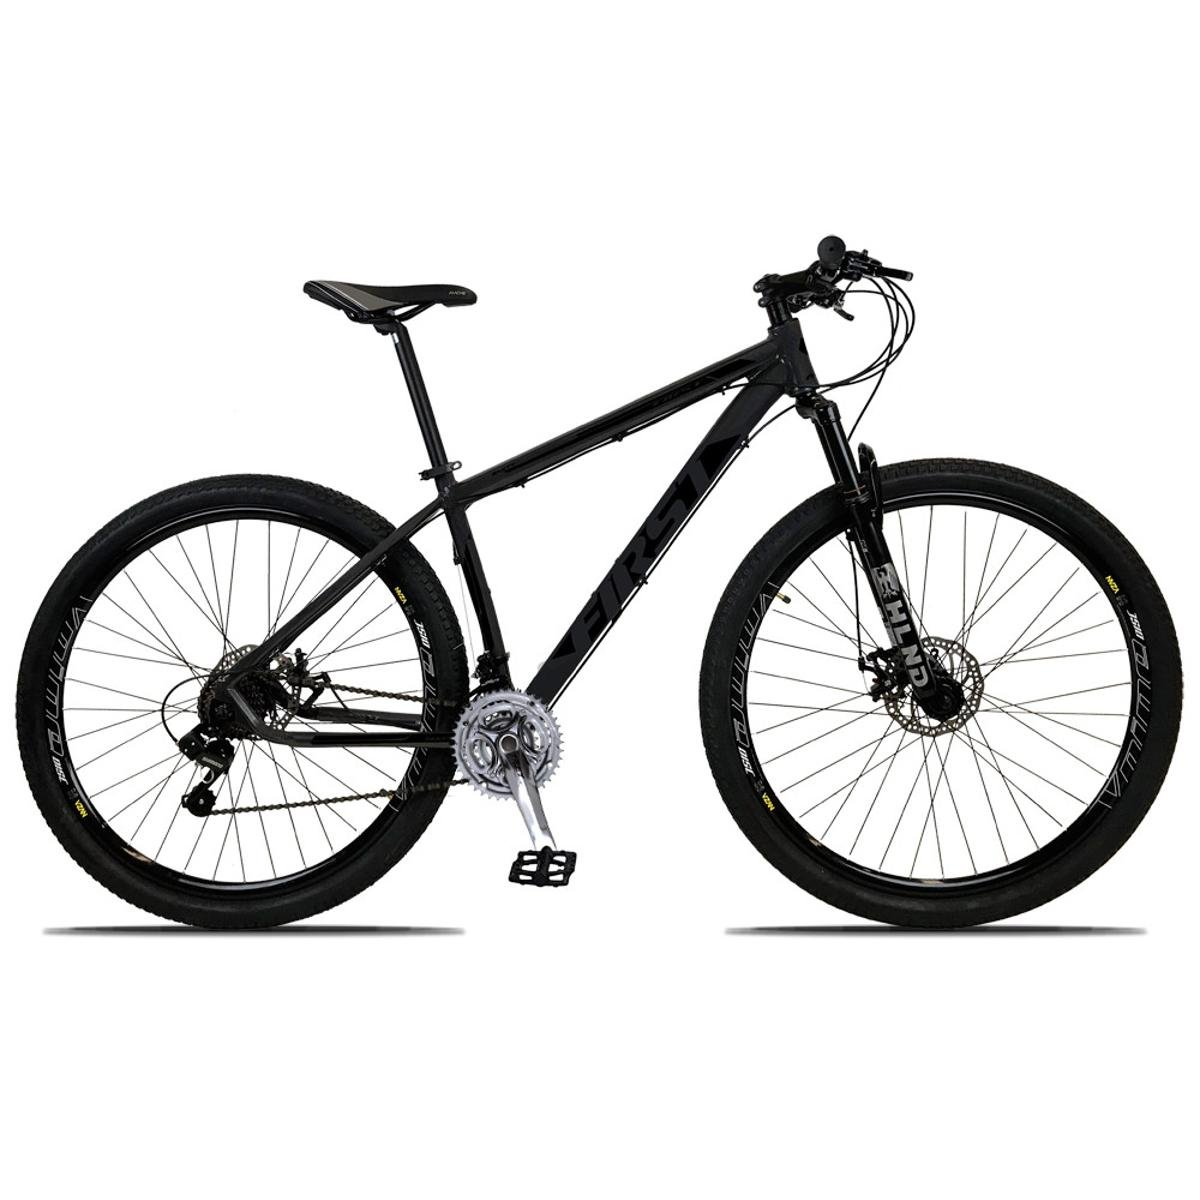 Bicicleta First Smitt Aro 29 Susp. Dianteira 21 Marchas - Preto